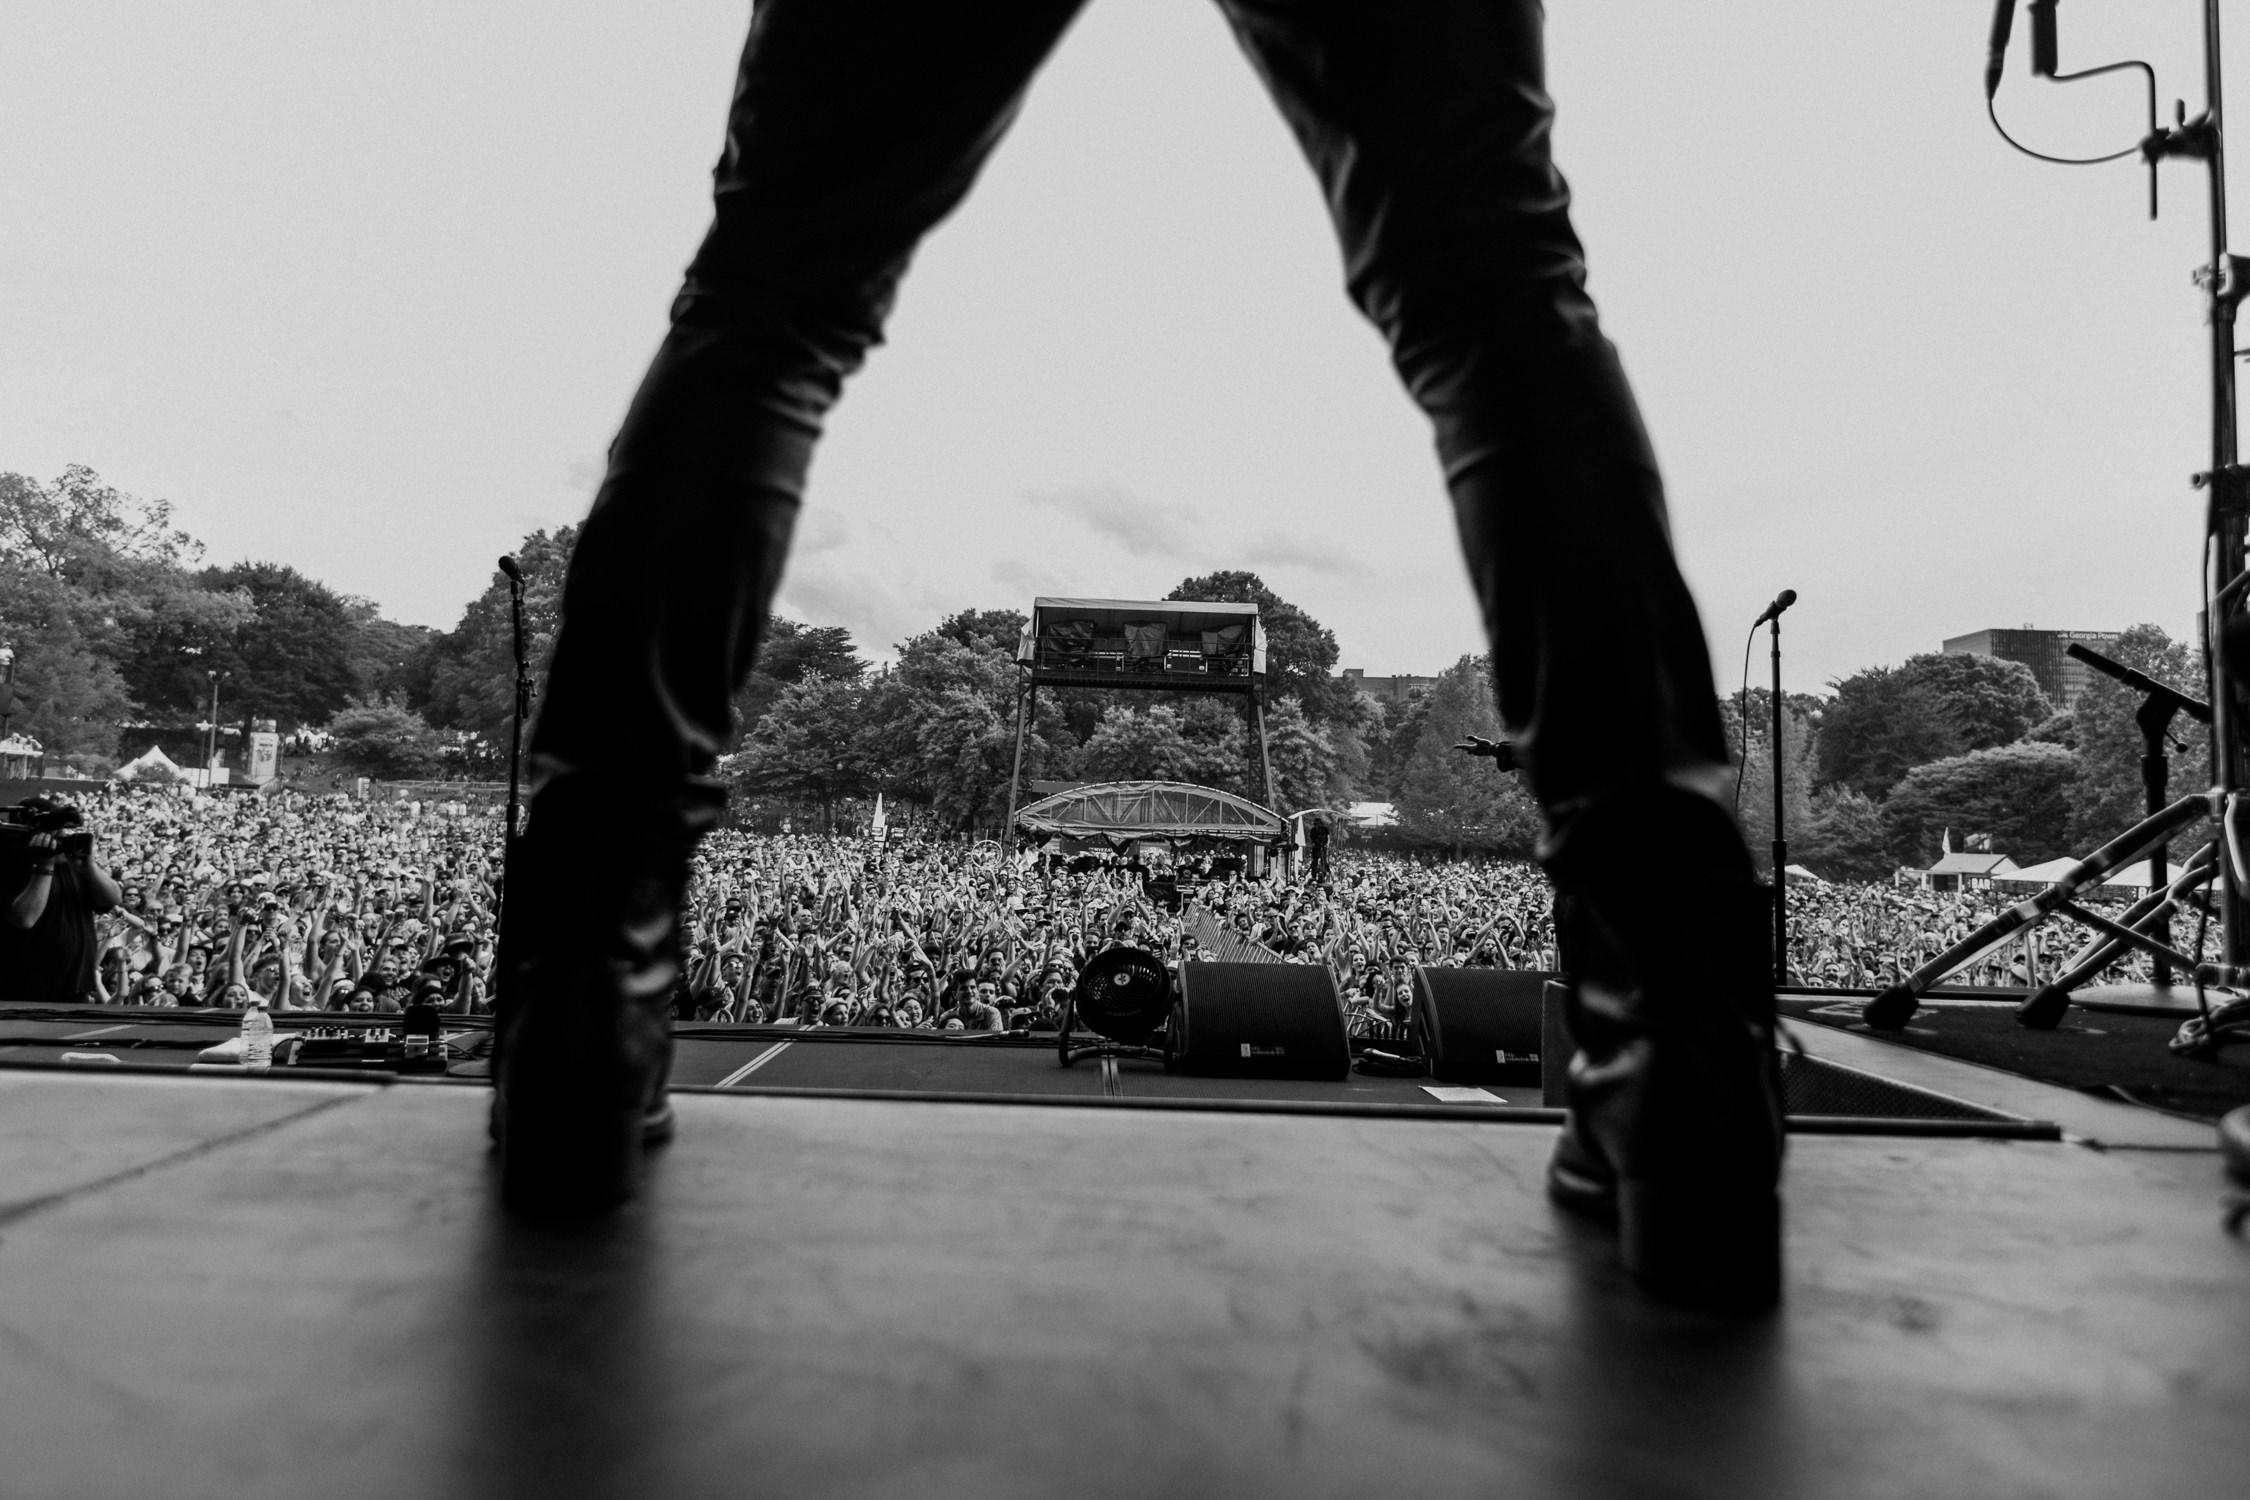 crowd-photo-through-legs-AnnaLeeMedia